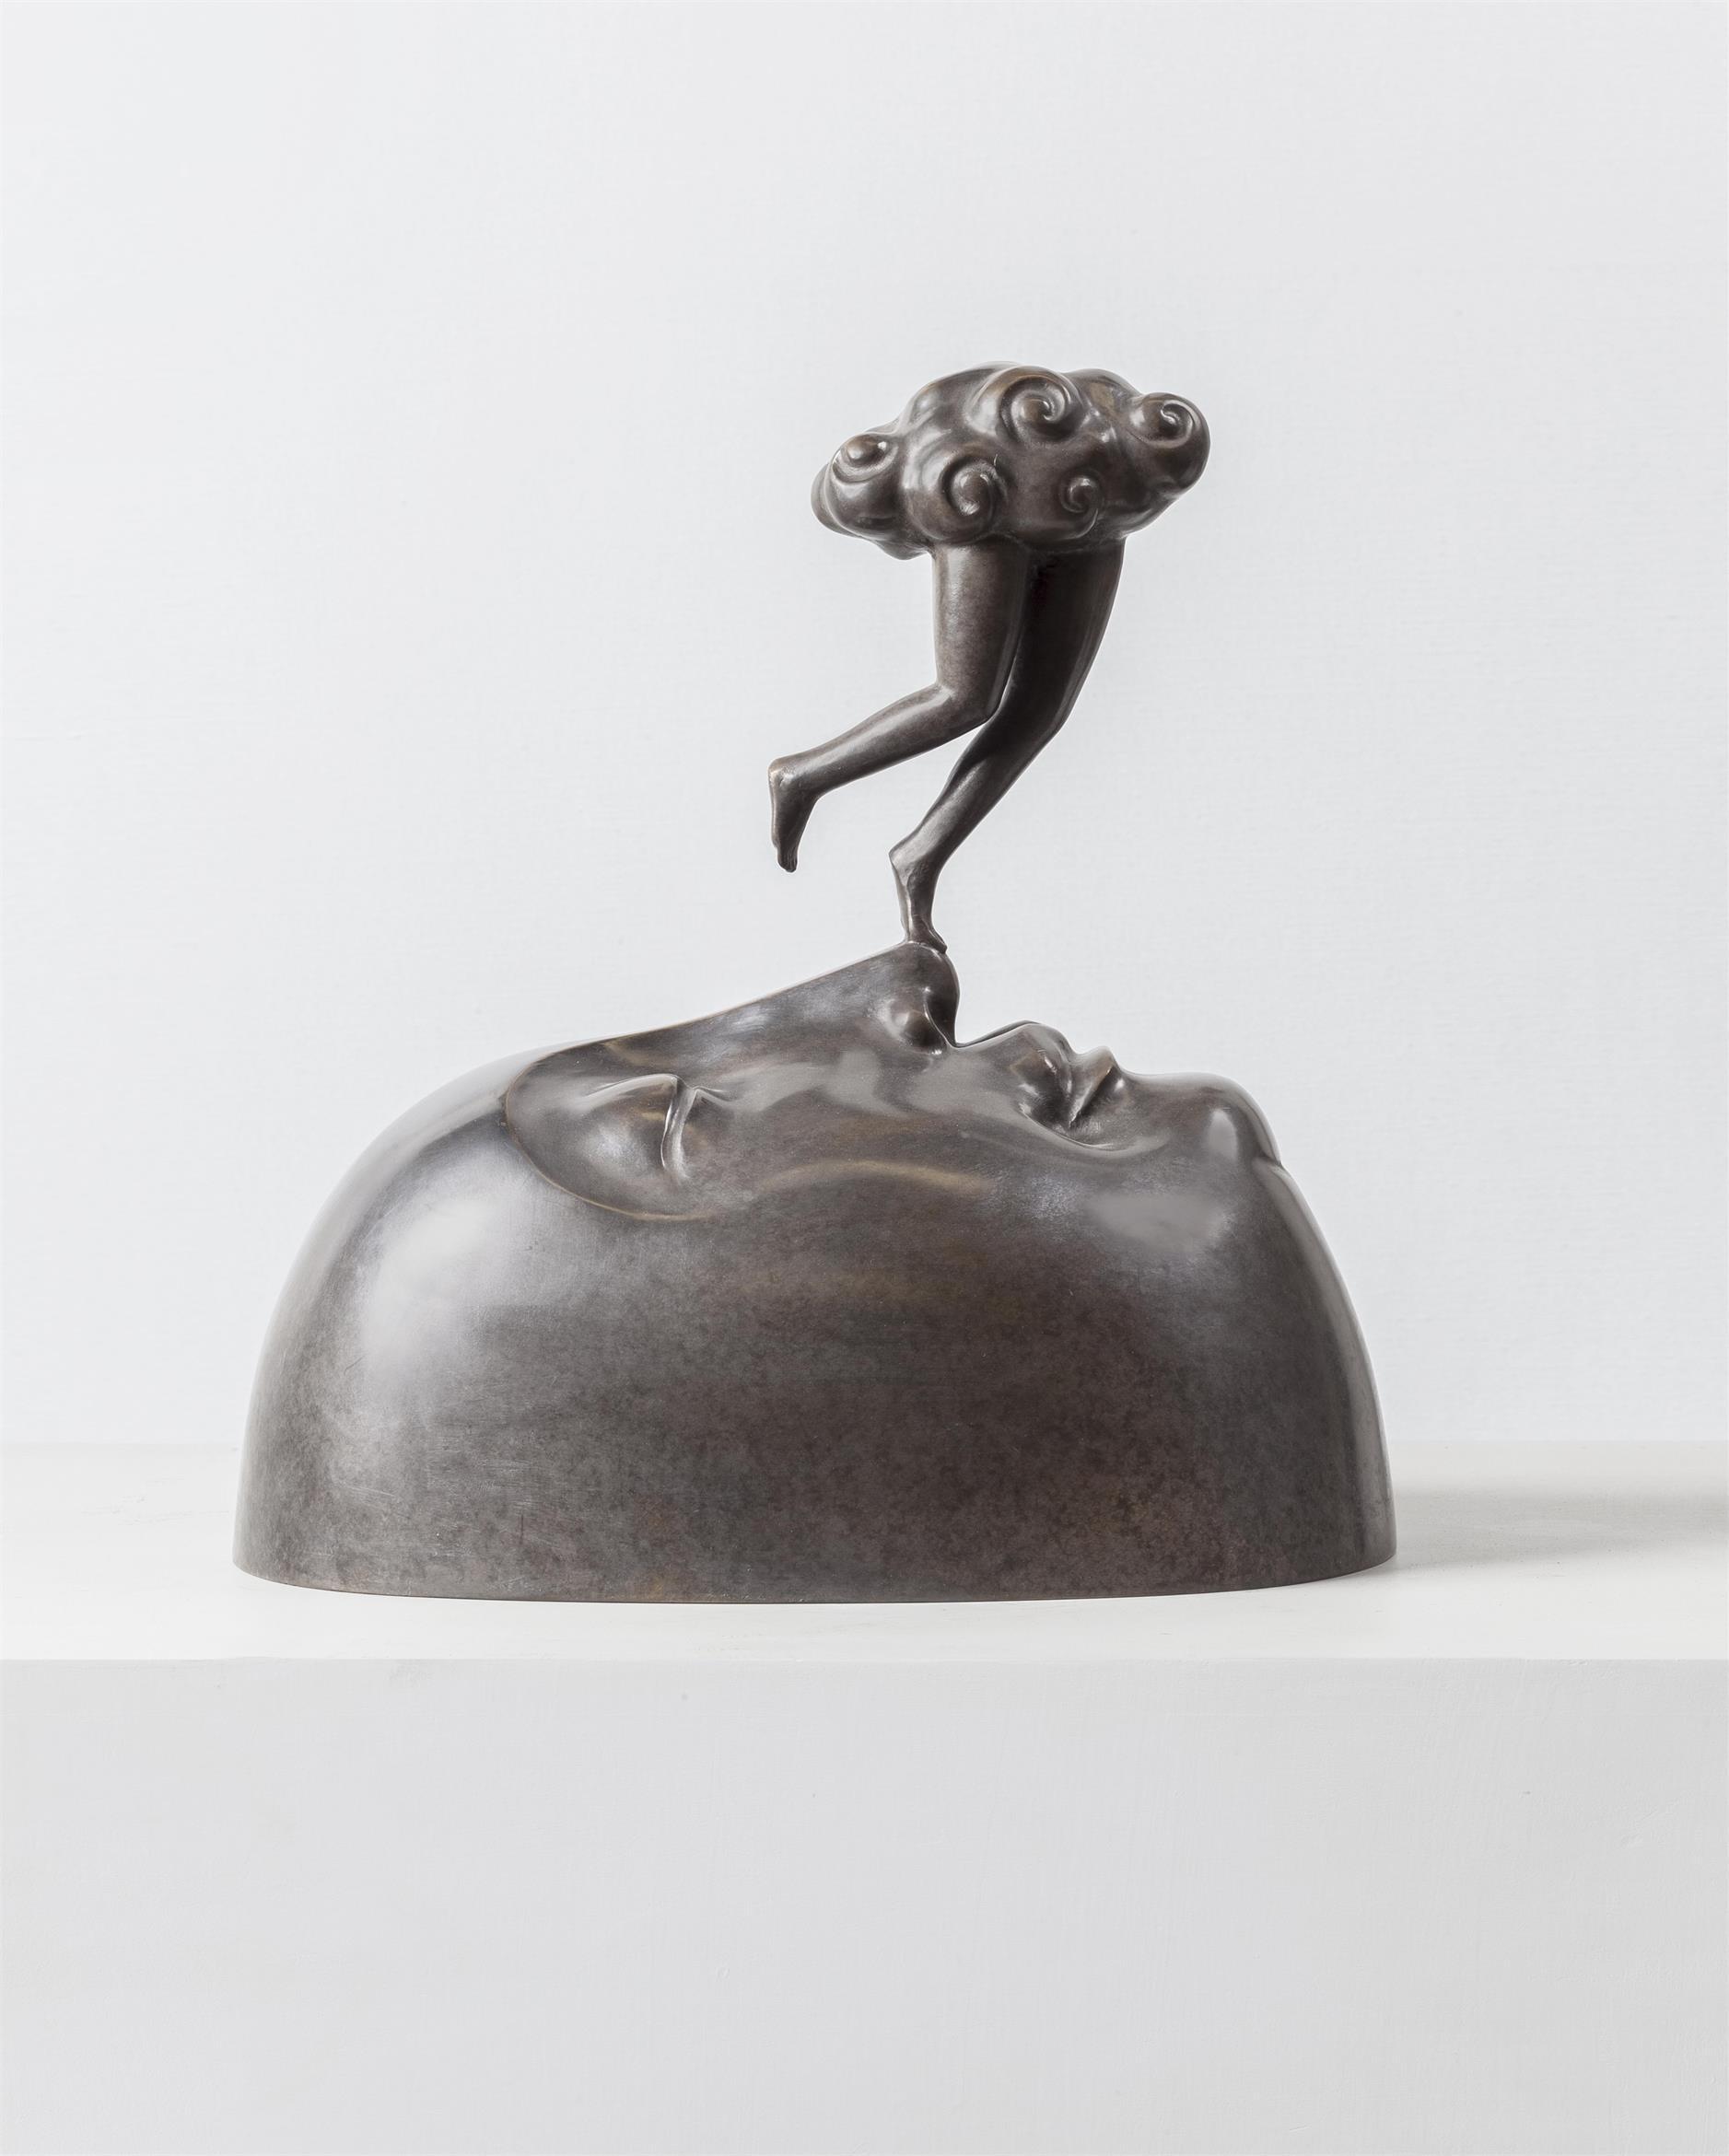 GUAN WEI   Salvation No.1  2015 bronze sculpture 33 x 19 x 32 cm